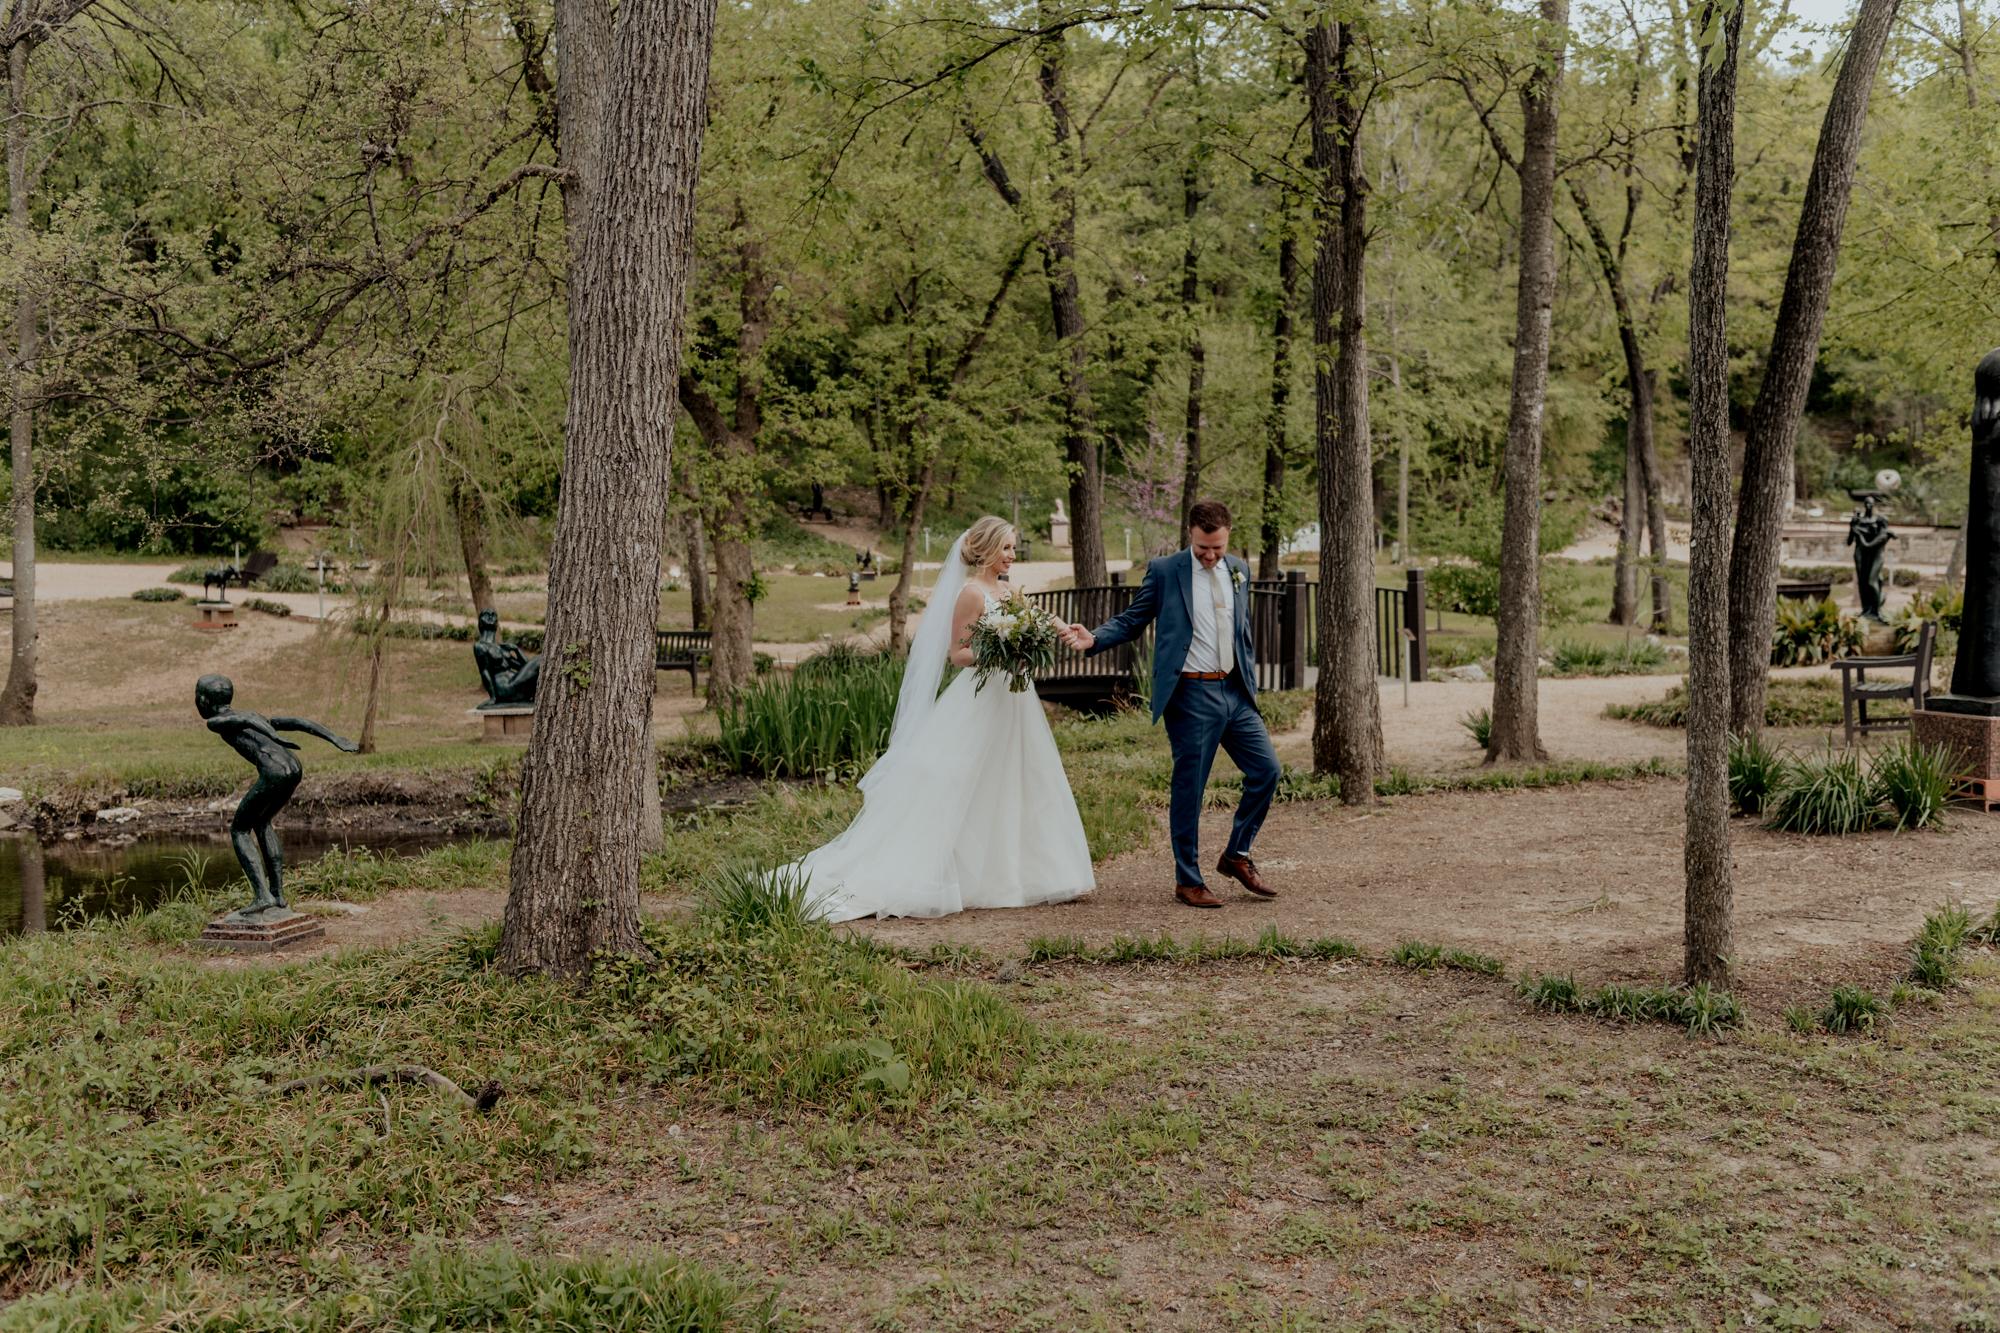 Matt-Kim-Wedding-Preview-60.jpg